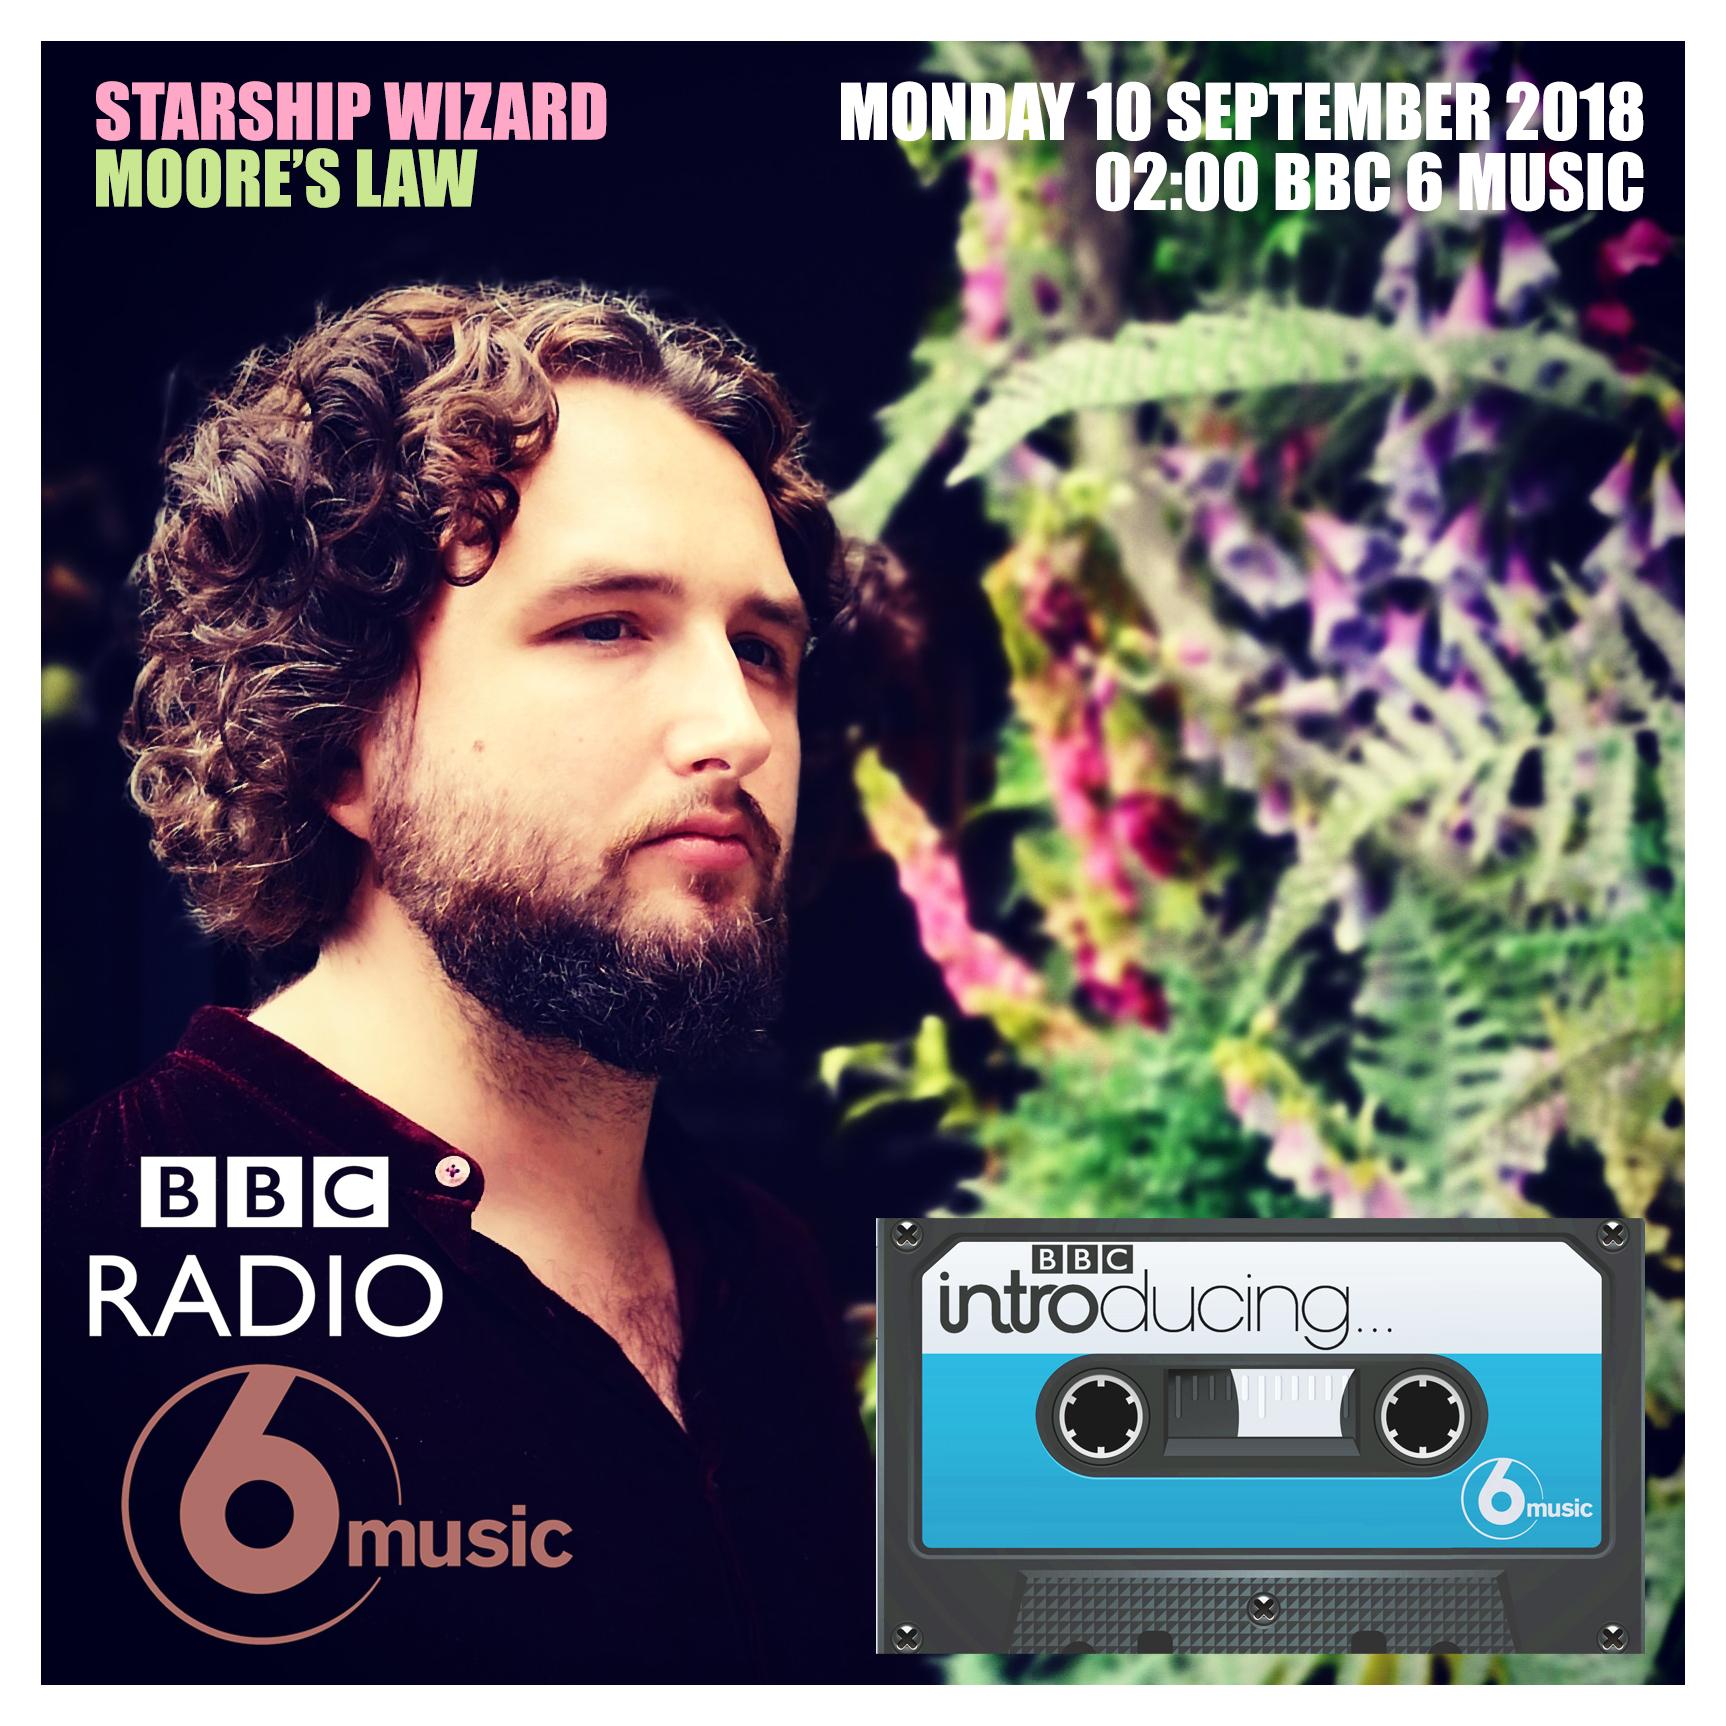 Starship Wizard BBC 6 MUSIC